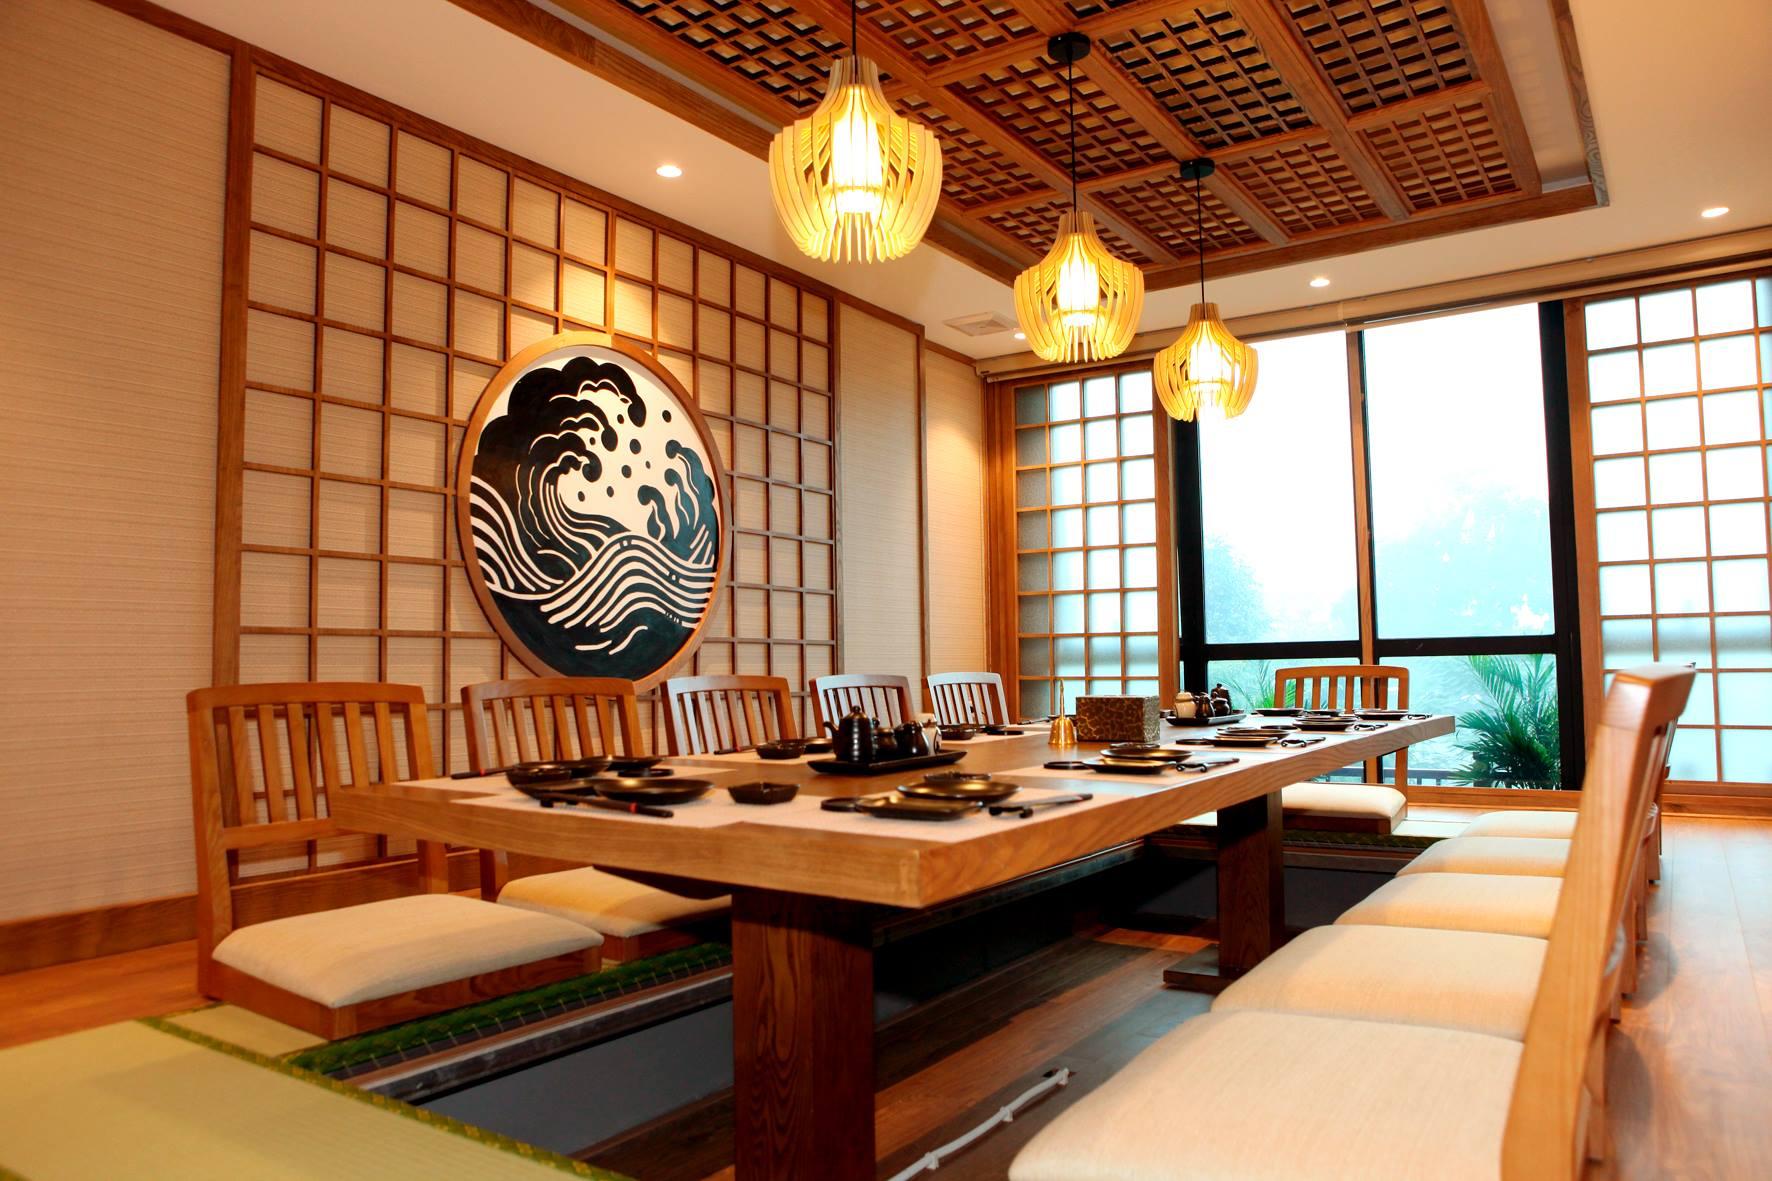 ハノイの日本食といえば【福来】Web予約で10%オフ